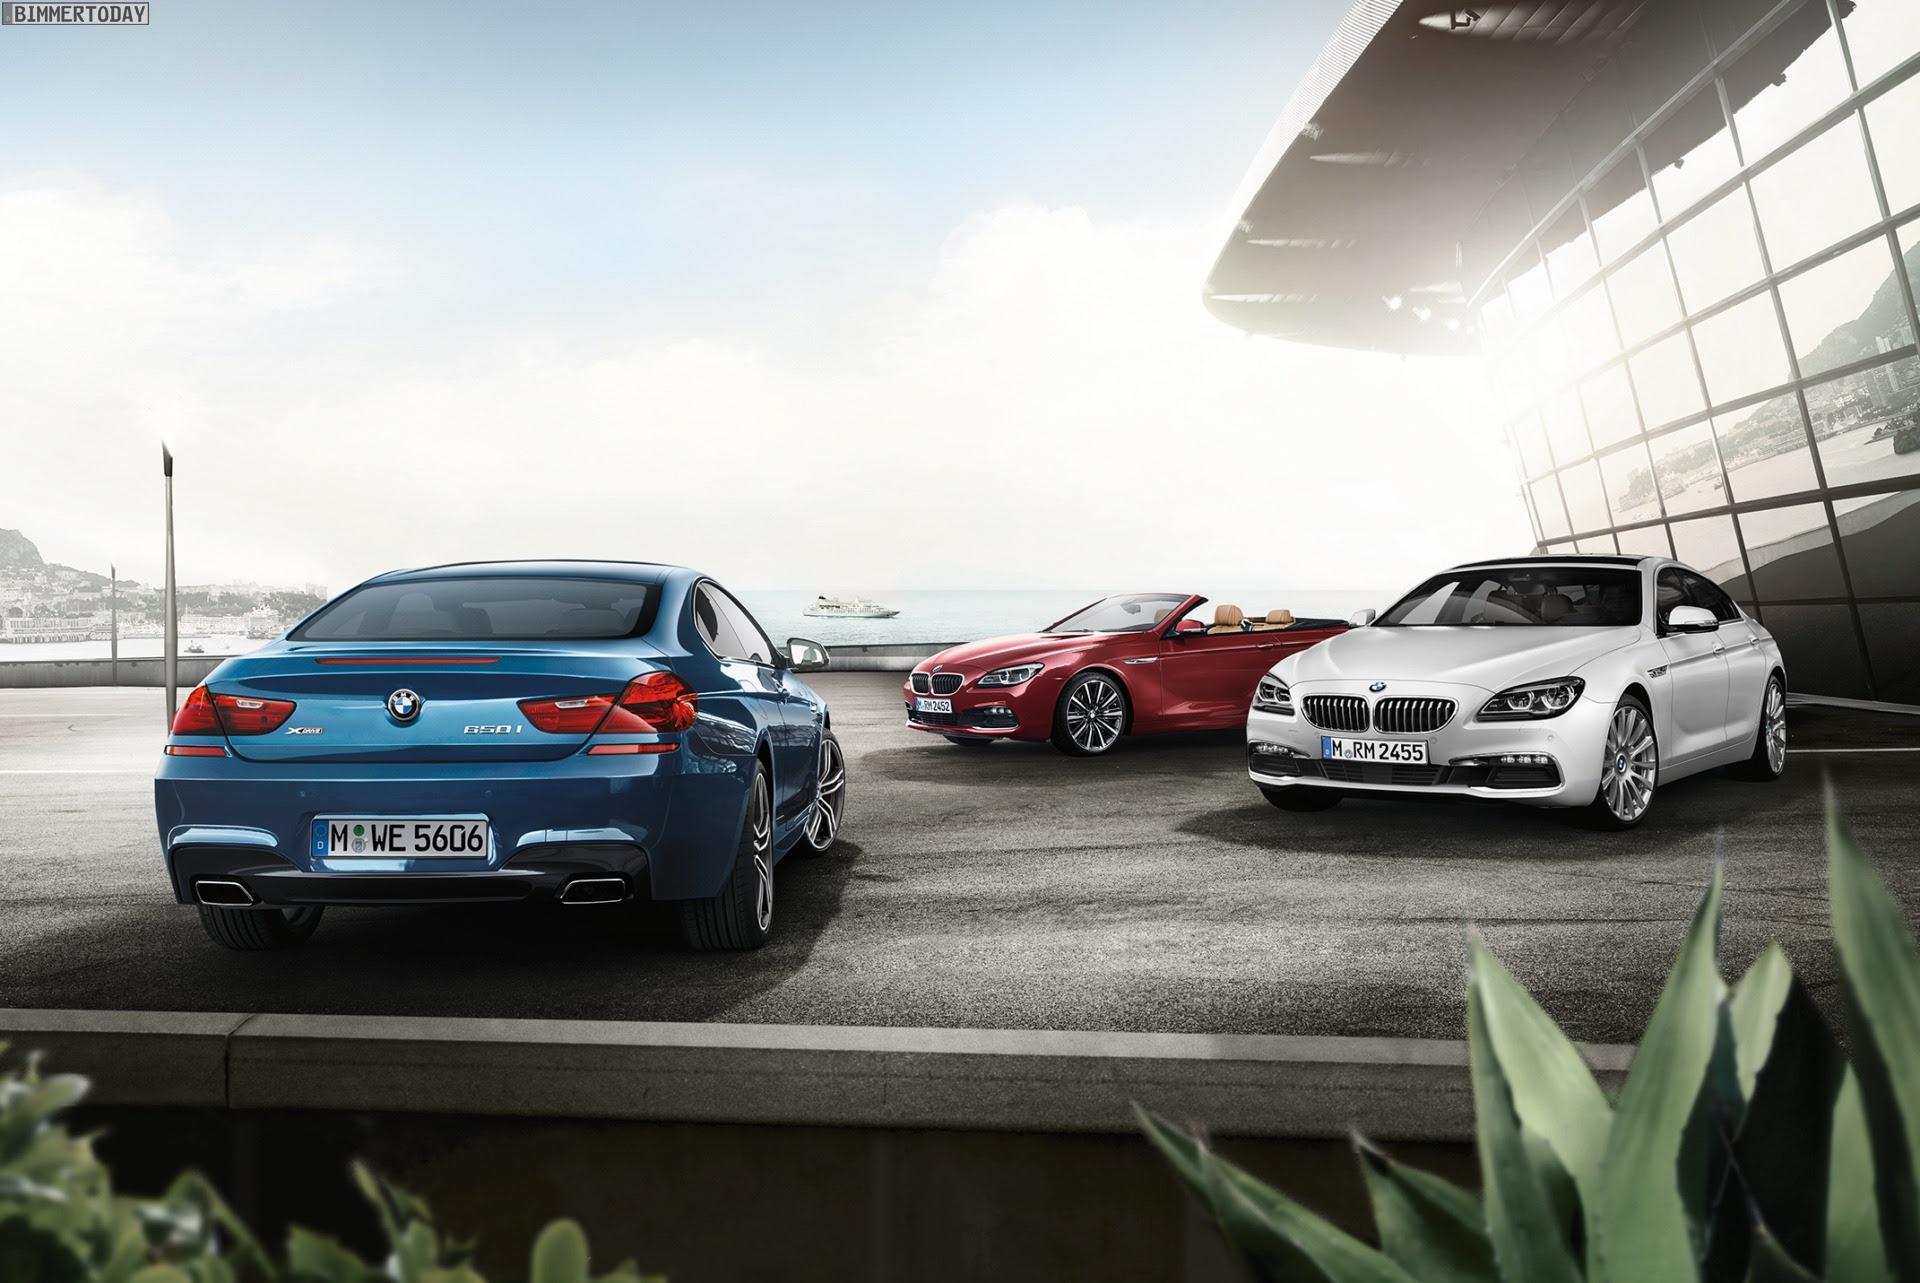 BMW 6er 2017: Zweites Facelift bringt nur wenige Neuerungen